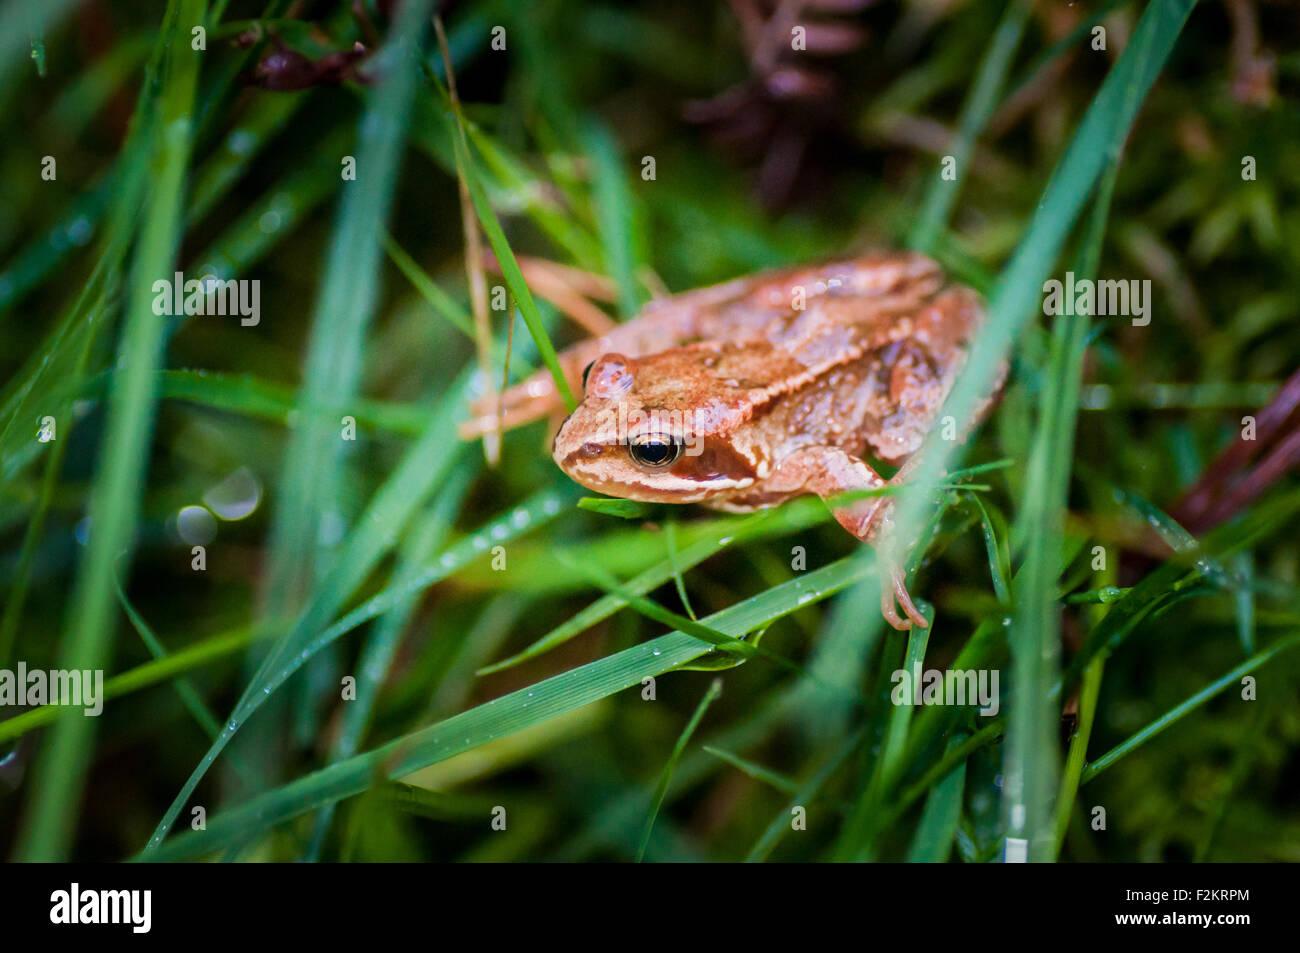 Rana común europeo (Rana temporaria) en la hierba húmeda en el Condado de Wicklow en Irlanda Imagen De Stock